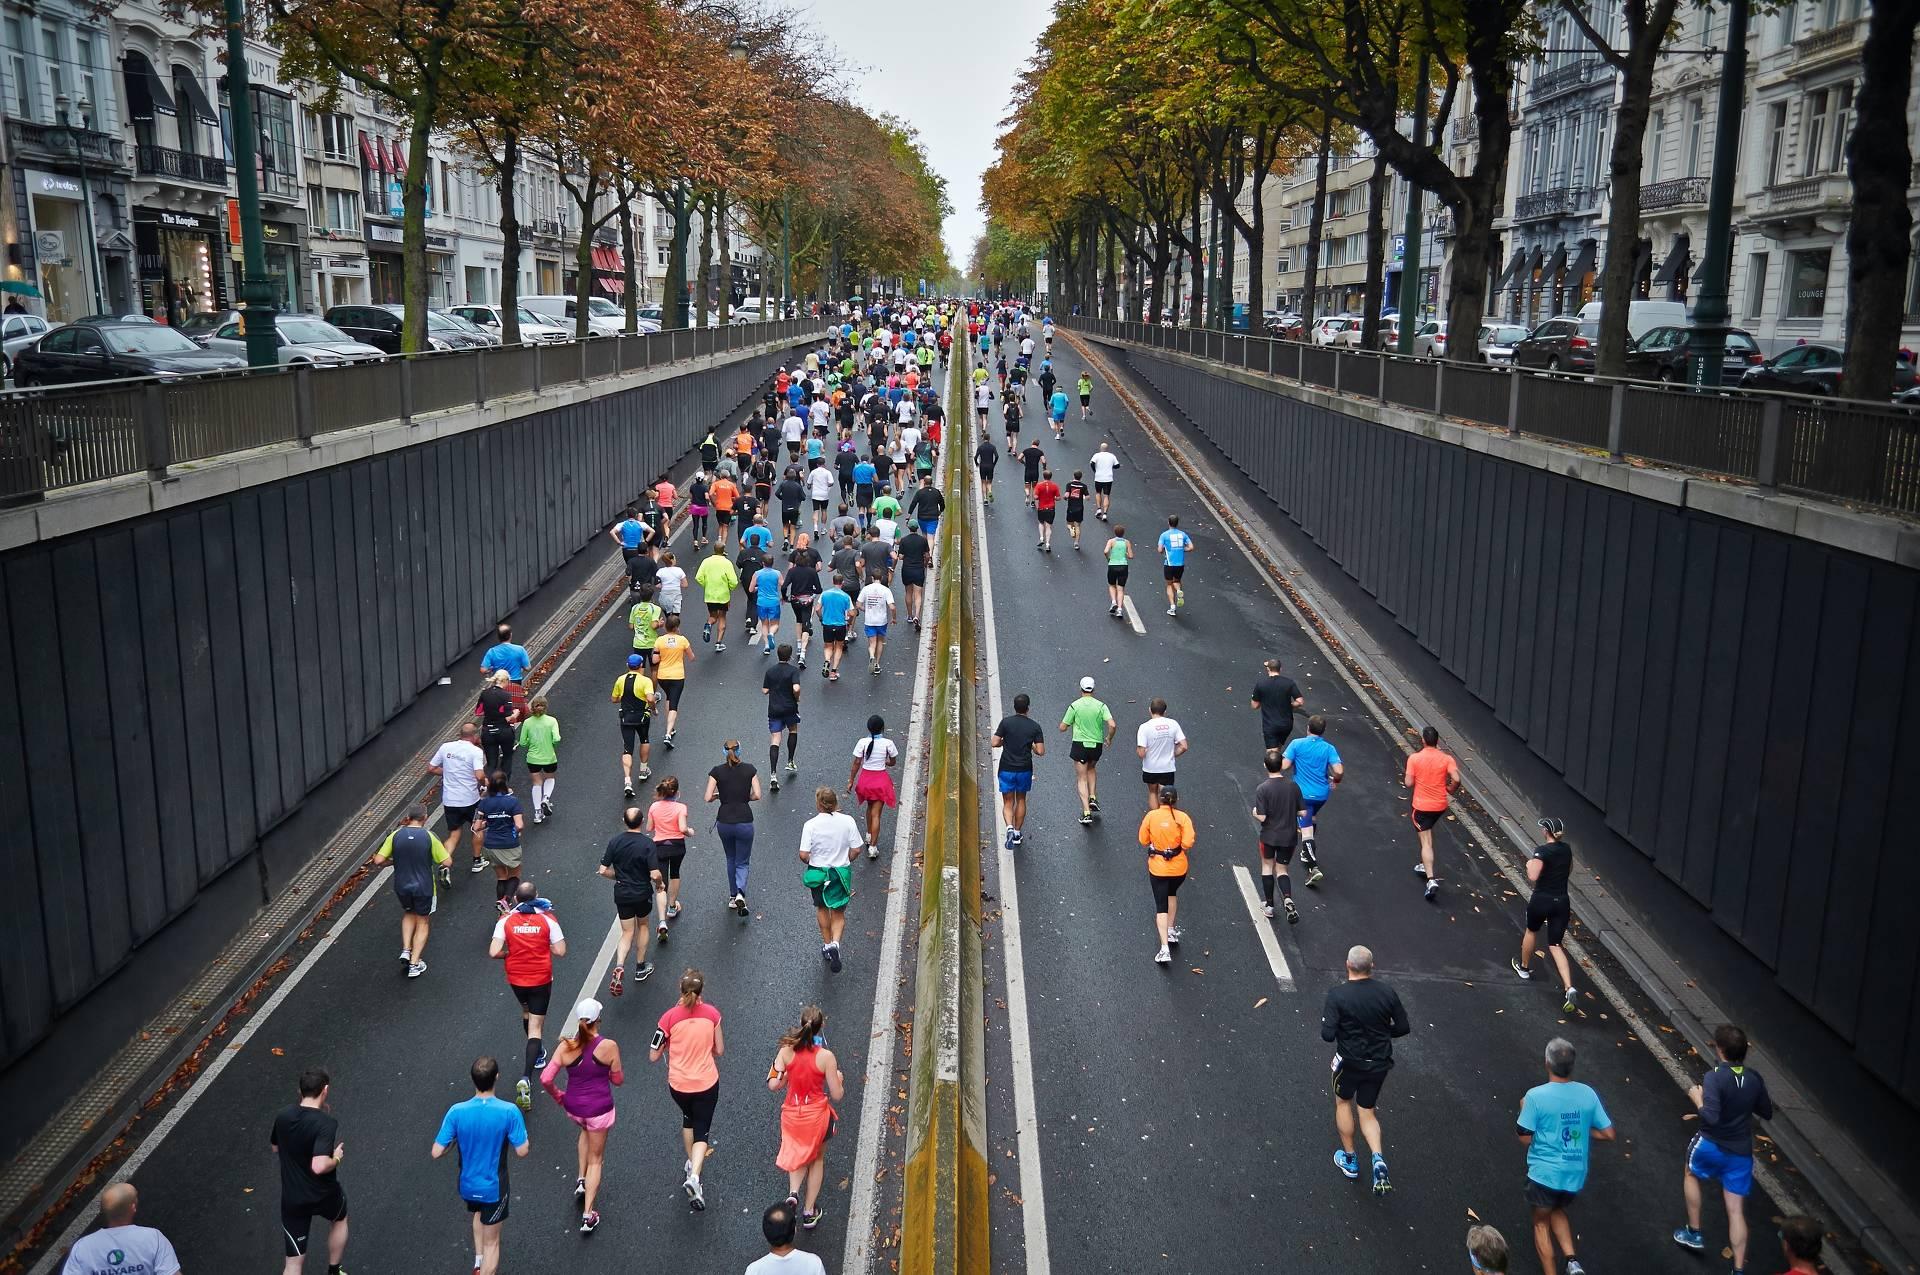 Jogger rennen auf Straße mit vielen bunten T-Shirts